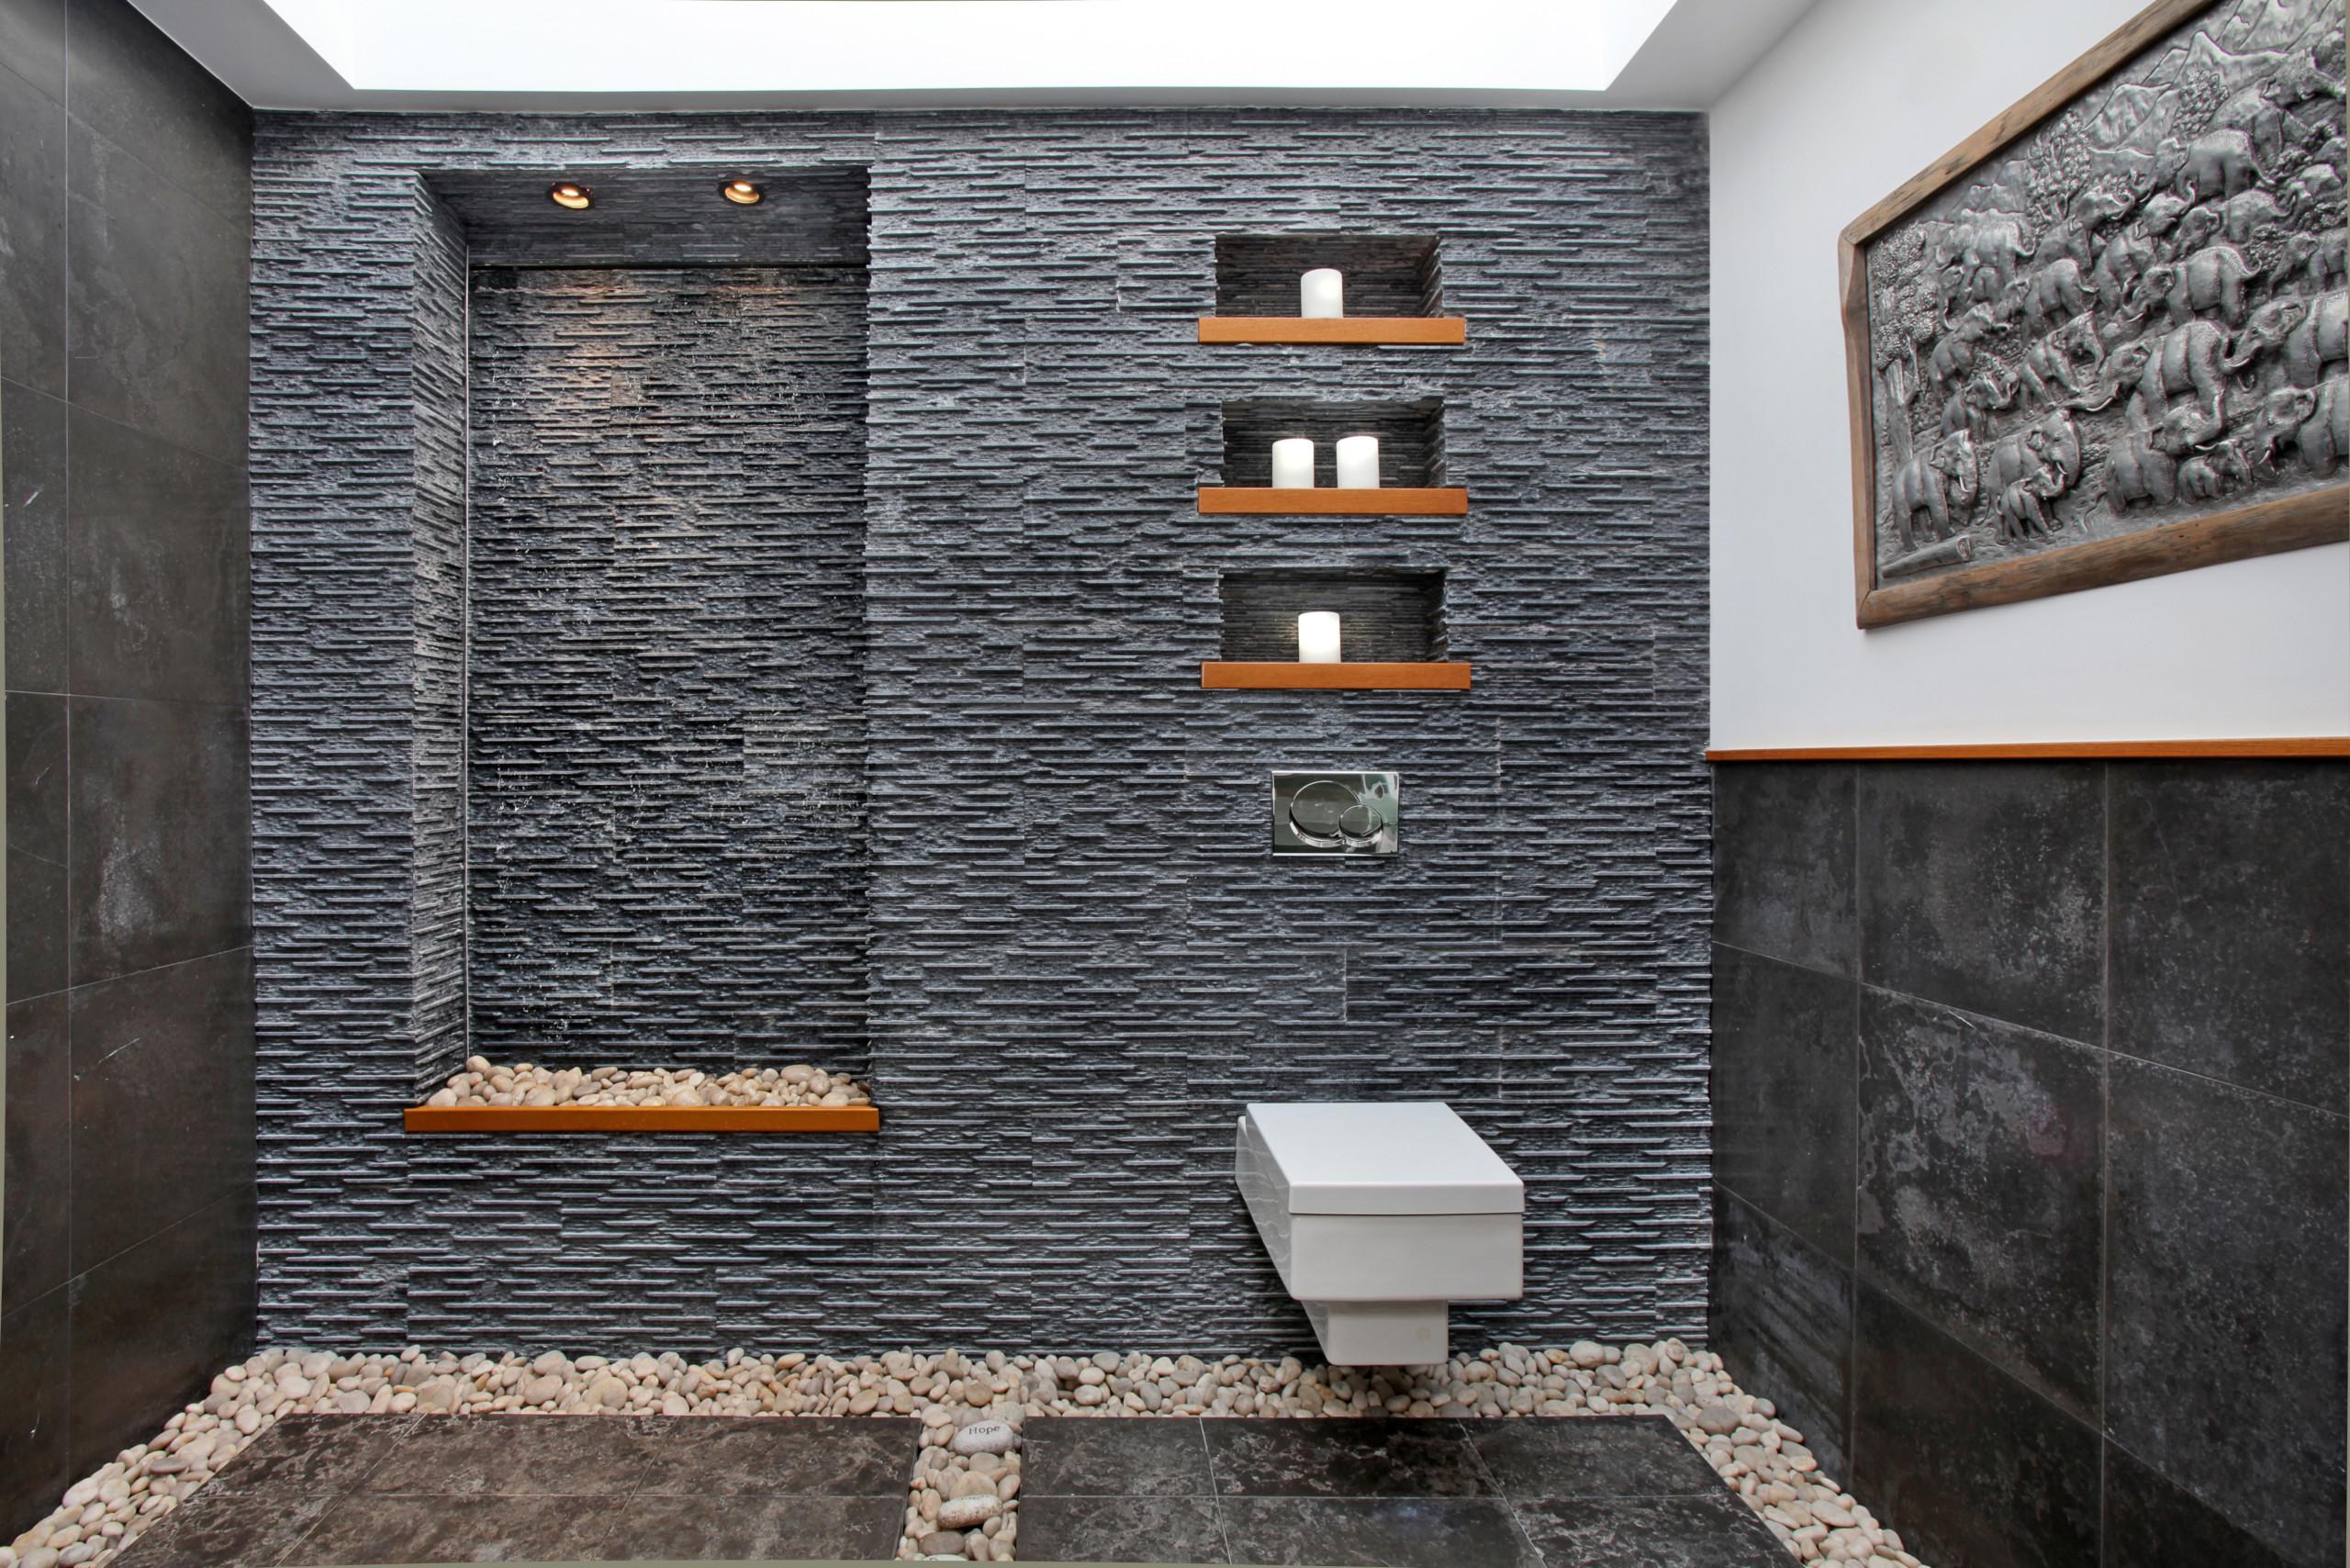 16x16 floor tile ideas photos houzz